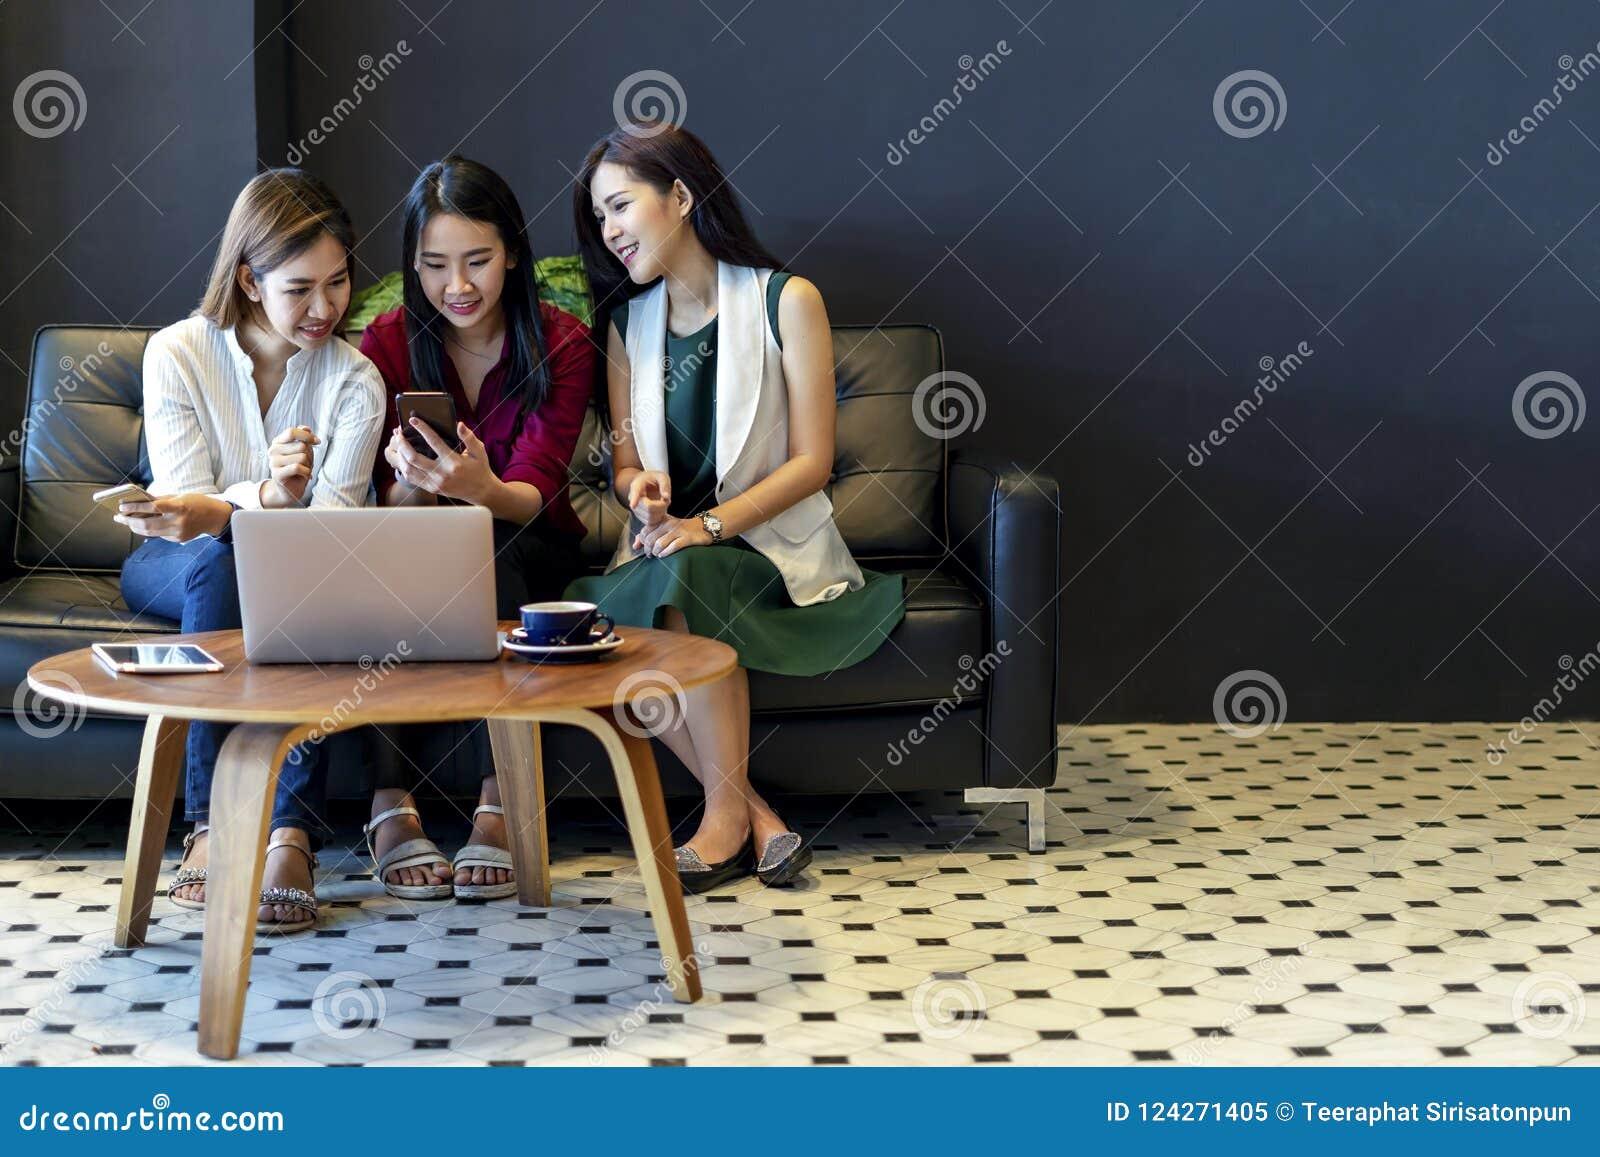 使用智能手机和膝上型计算机的小组迷人的美丽的亚裔妇女,聊天在沙发在咖啡馆,现代生活方式